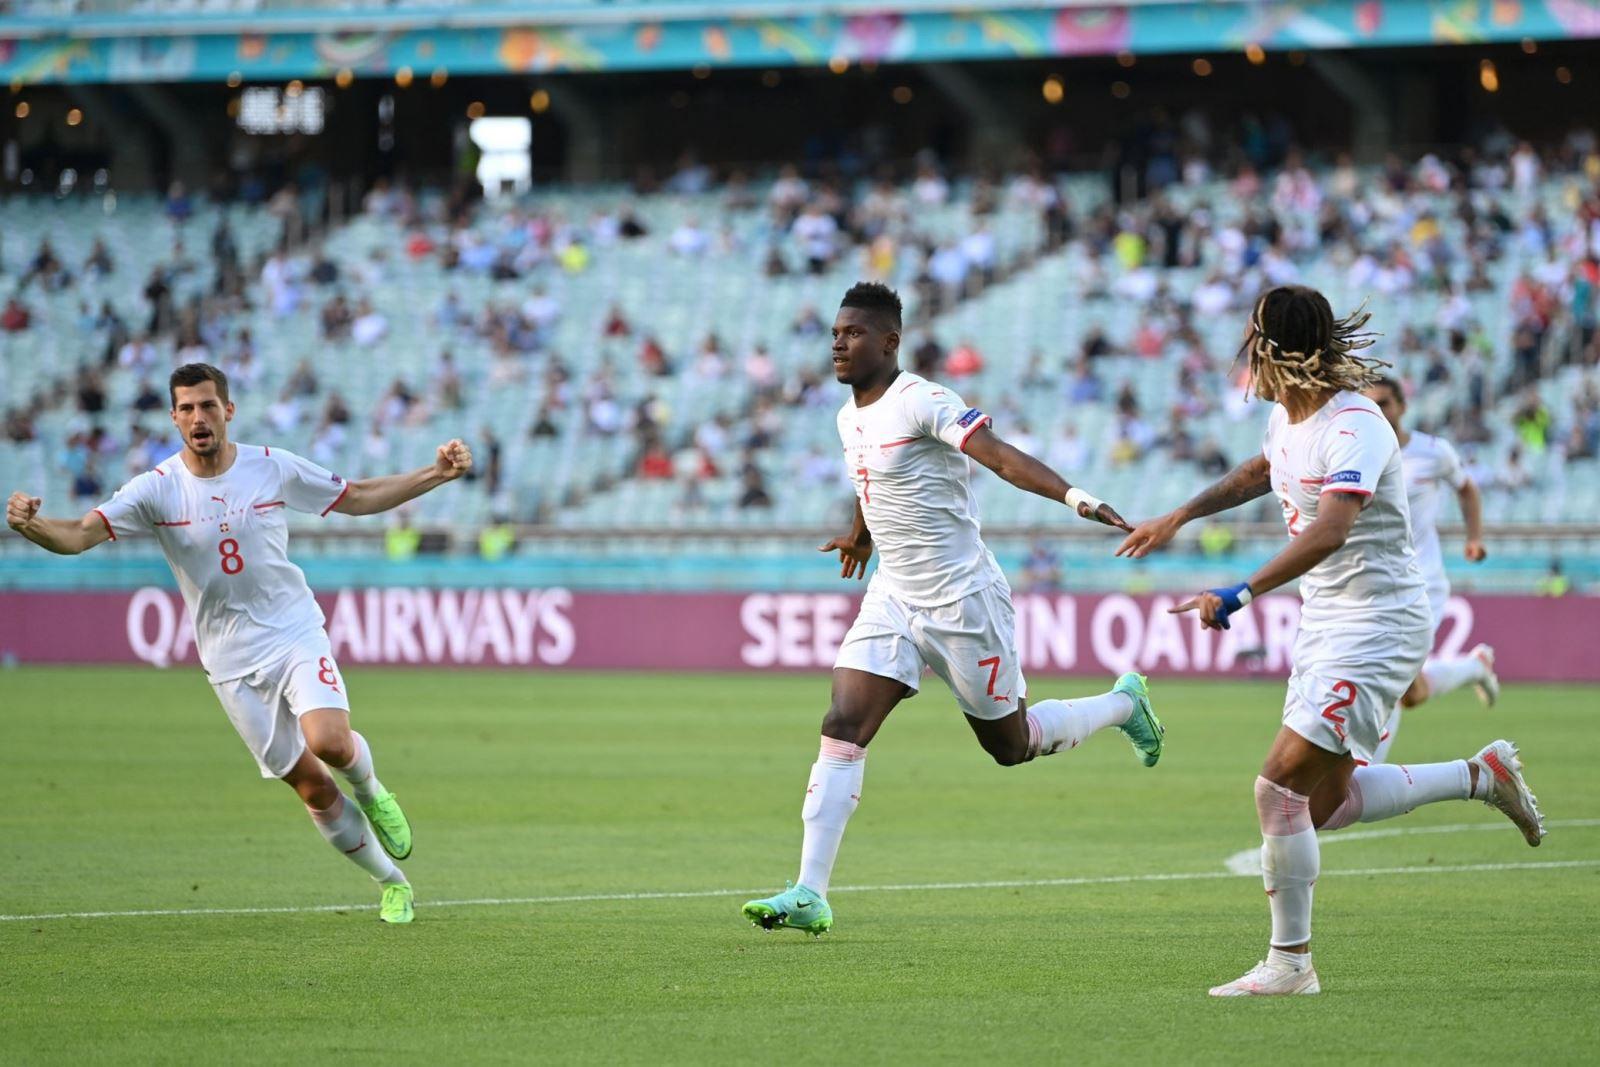 Xứ Wales 1-1 Thụy Sỹ: Bị VAR từ chối 1 bàn thắng, Thụy Sĩ ngậm ngùi chia điểm với xứ Wales-3